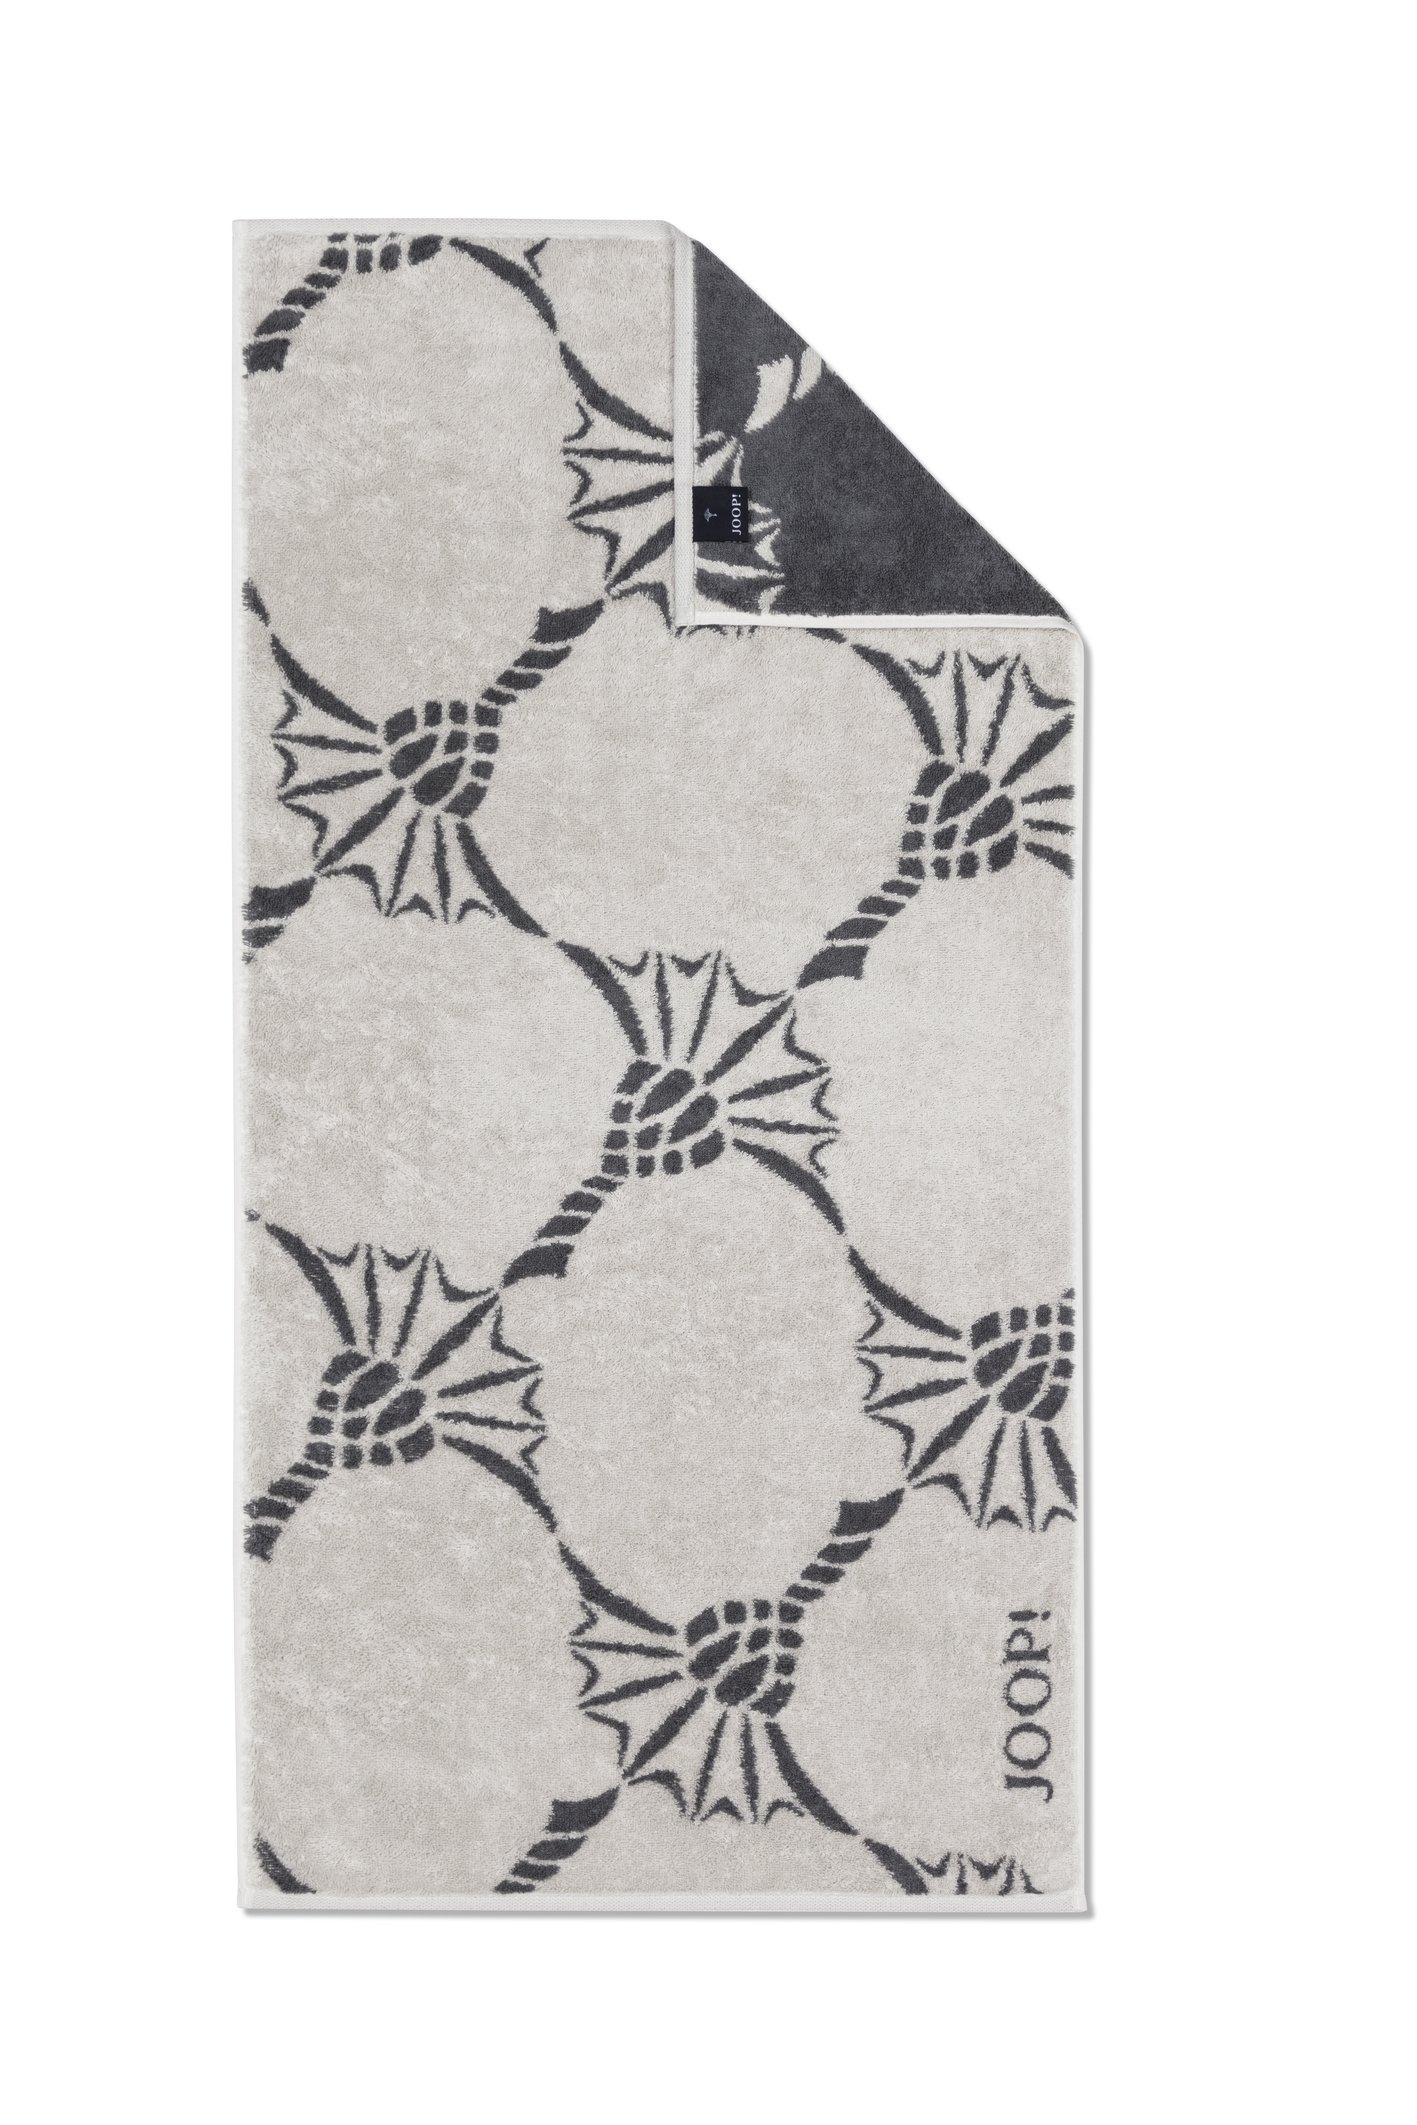 JOOP! Frottierkollektion Infinity Cornflower Zoom 1677-37 Sand Duschtuch 80x150 cm